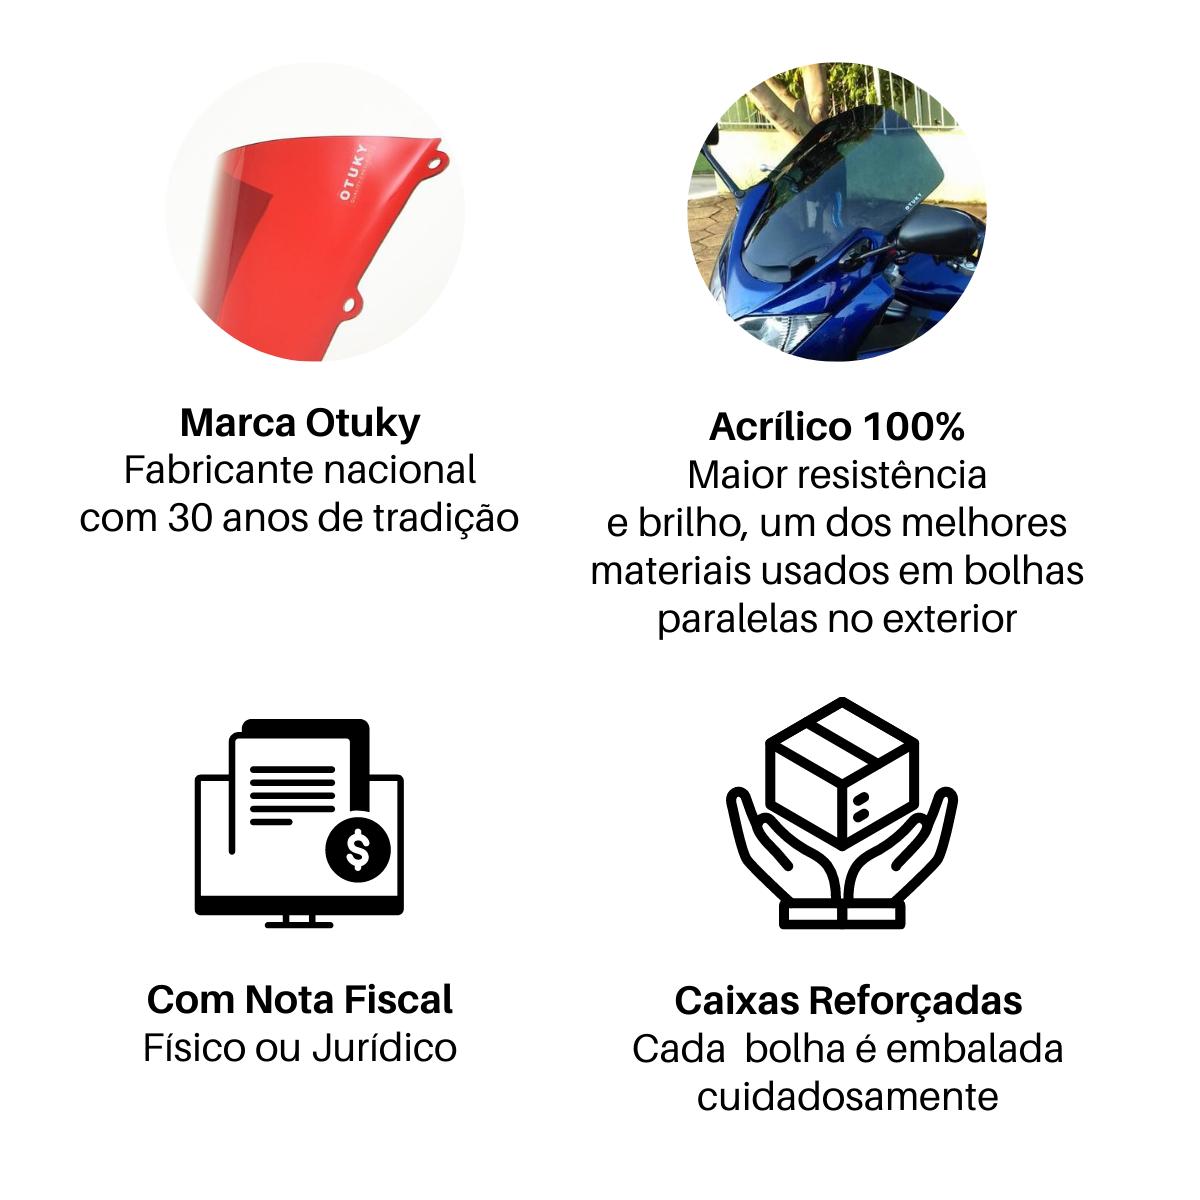 Bolha para Moto XT 660 R 2005 2006 2007 2008 2009 2010 2011 2012 2013 2014 2015 2016 2017 2018 Padrão Vermelho